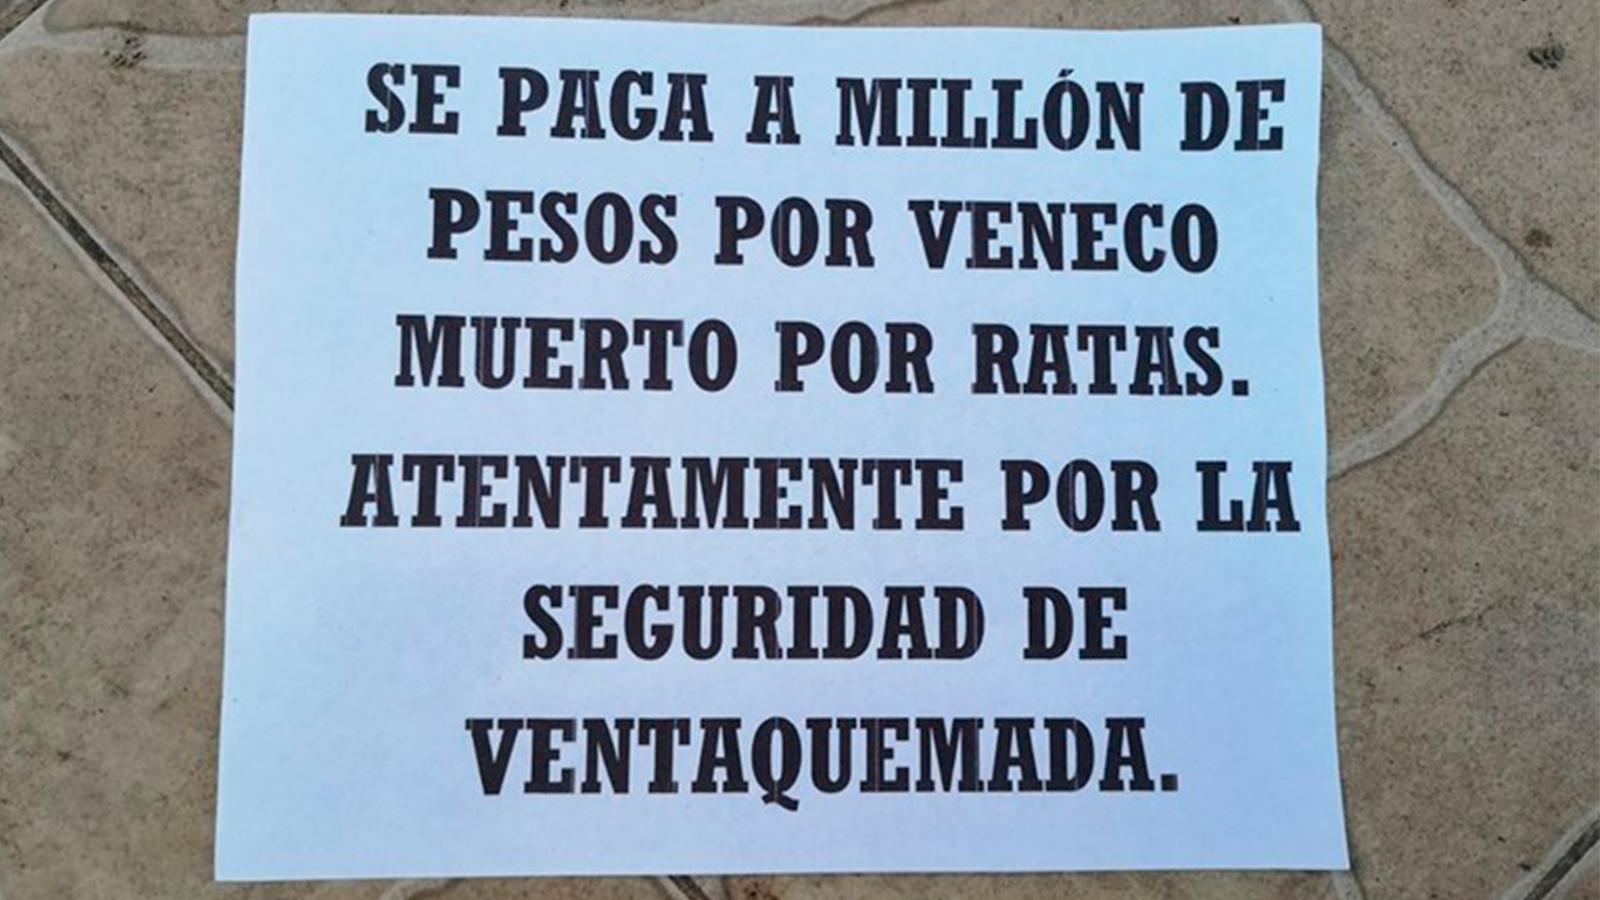 Aparecen panfletos amenazantes contra venezolanos en Boyacá